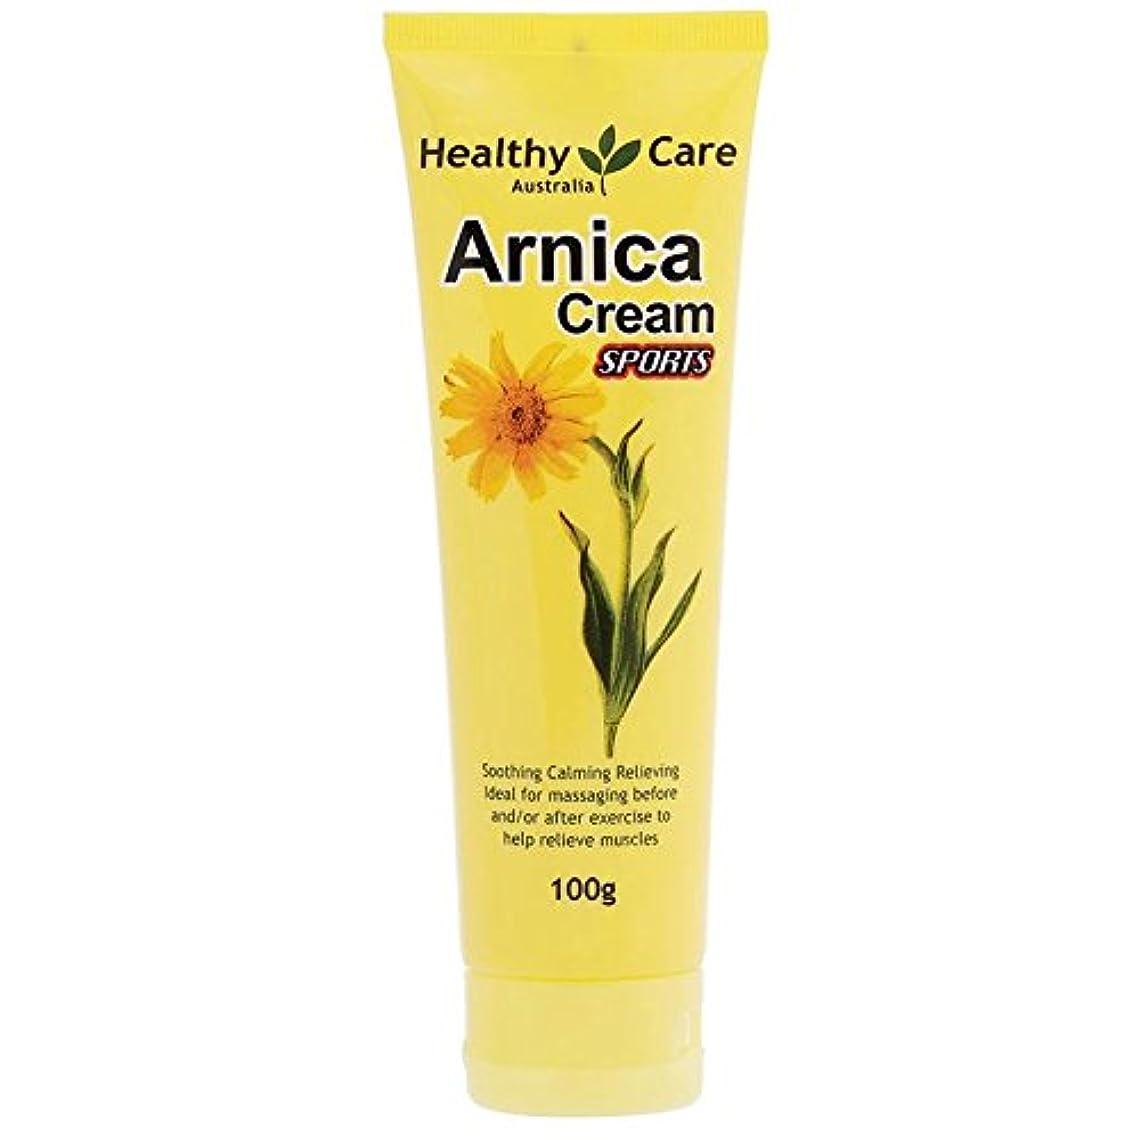 資本主義ハイブリッド業界[Healthy Care] アルニカクリーム(Arnica Cream) 100g【海外直送品】